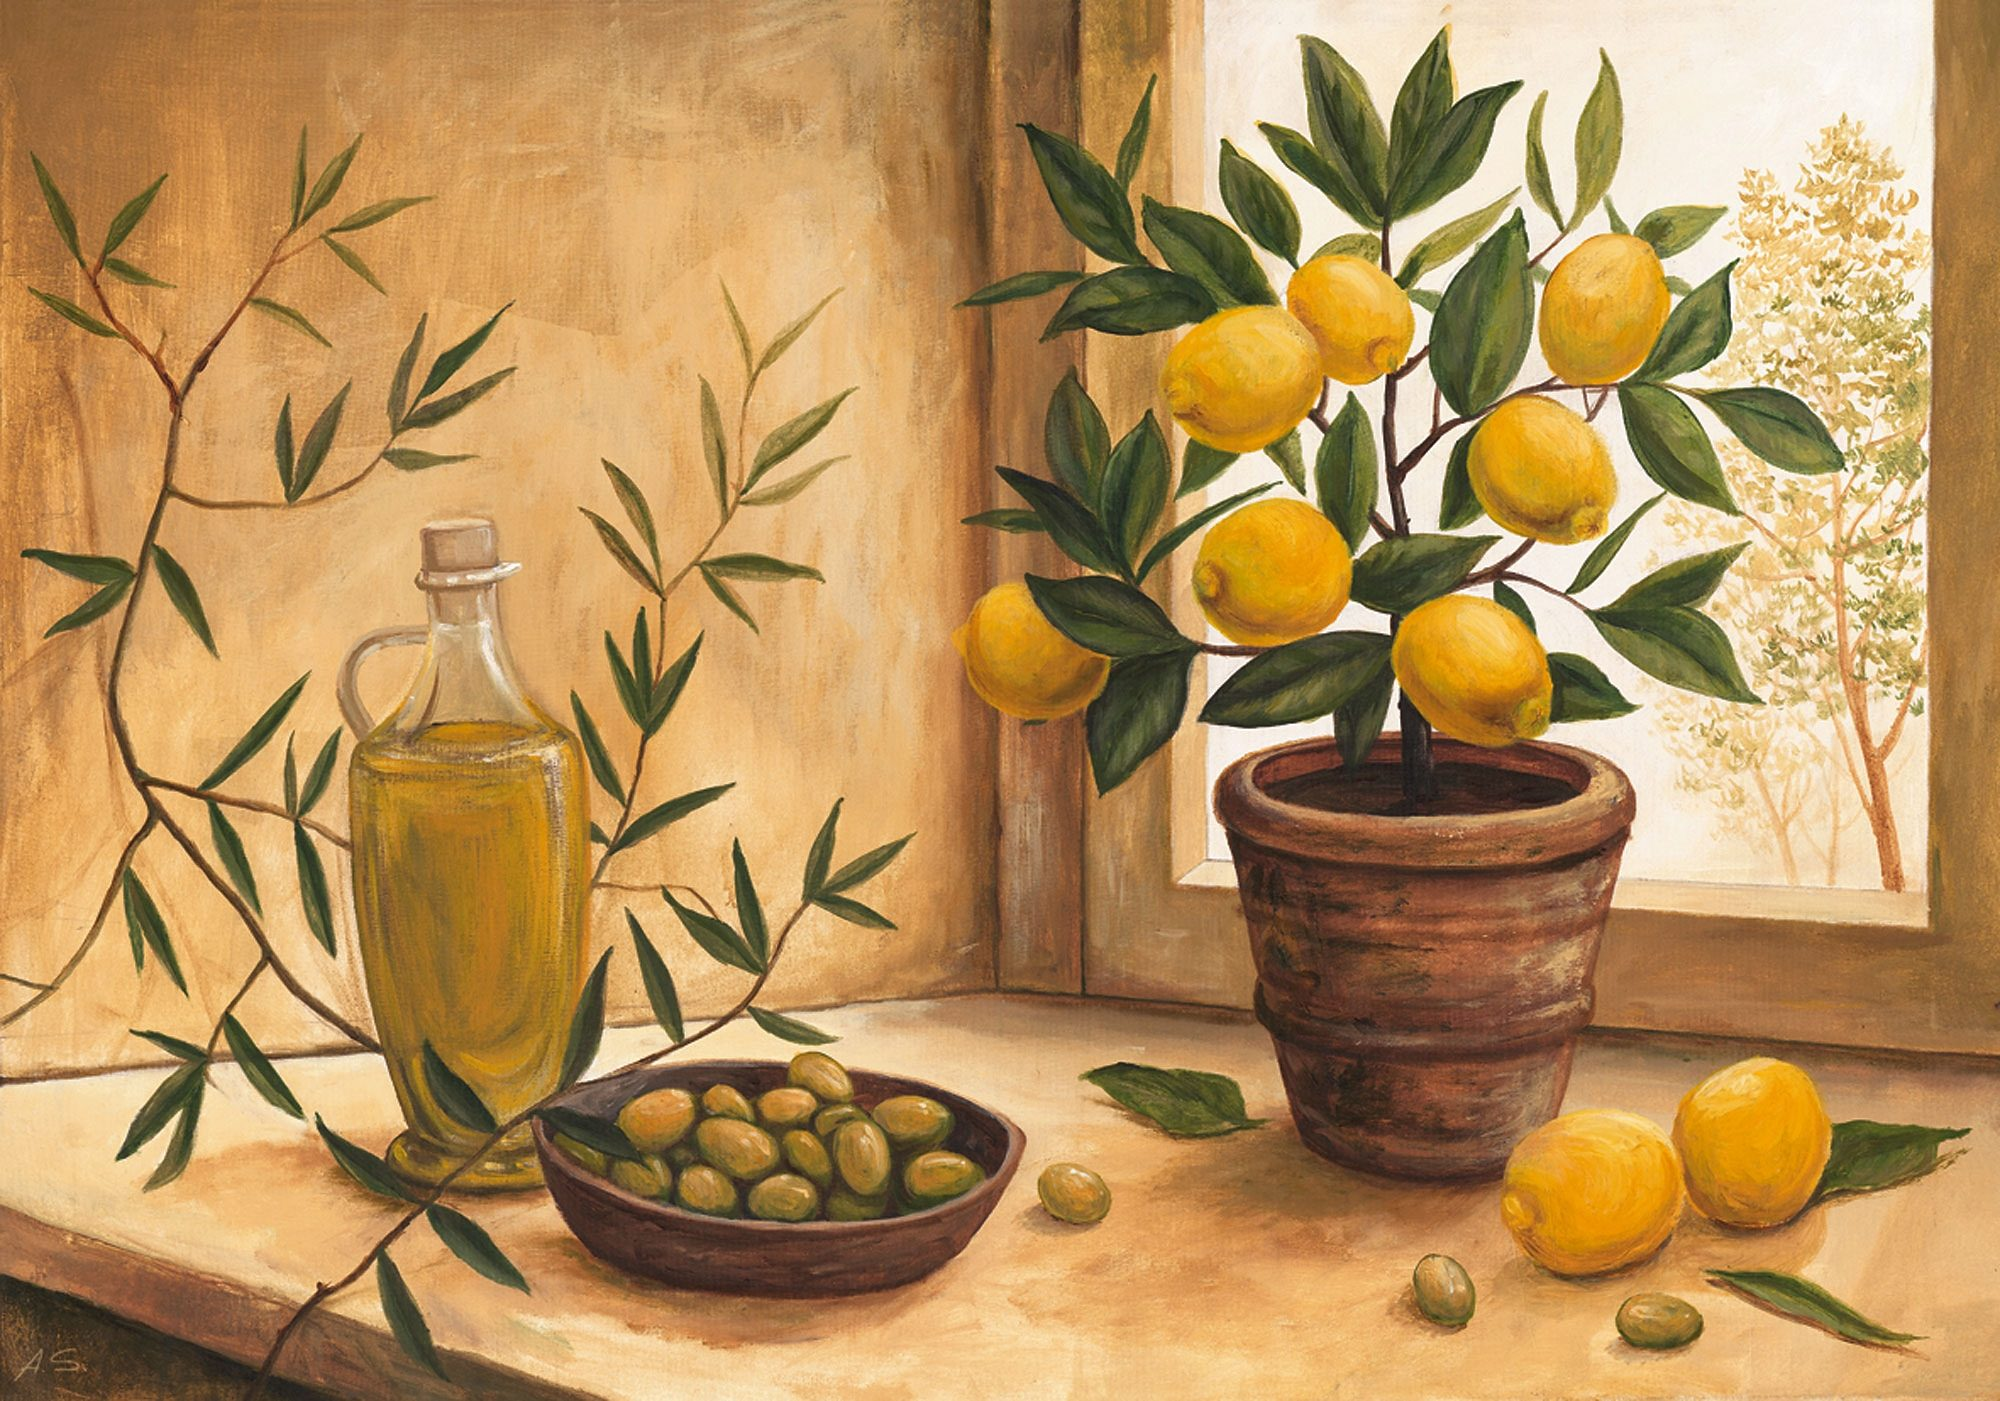 Home affaire Kunstdruck »A. S.: Olive and lime«   Dekoration > Bilder und Rahmen > Poster   Holzfaserplatte   HOME AFFAIRE